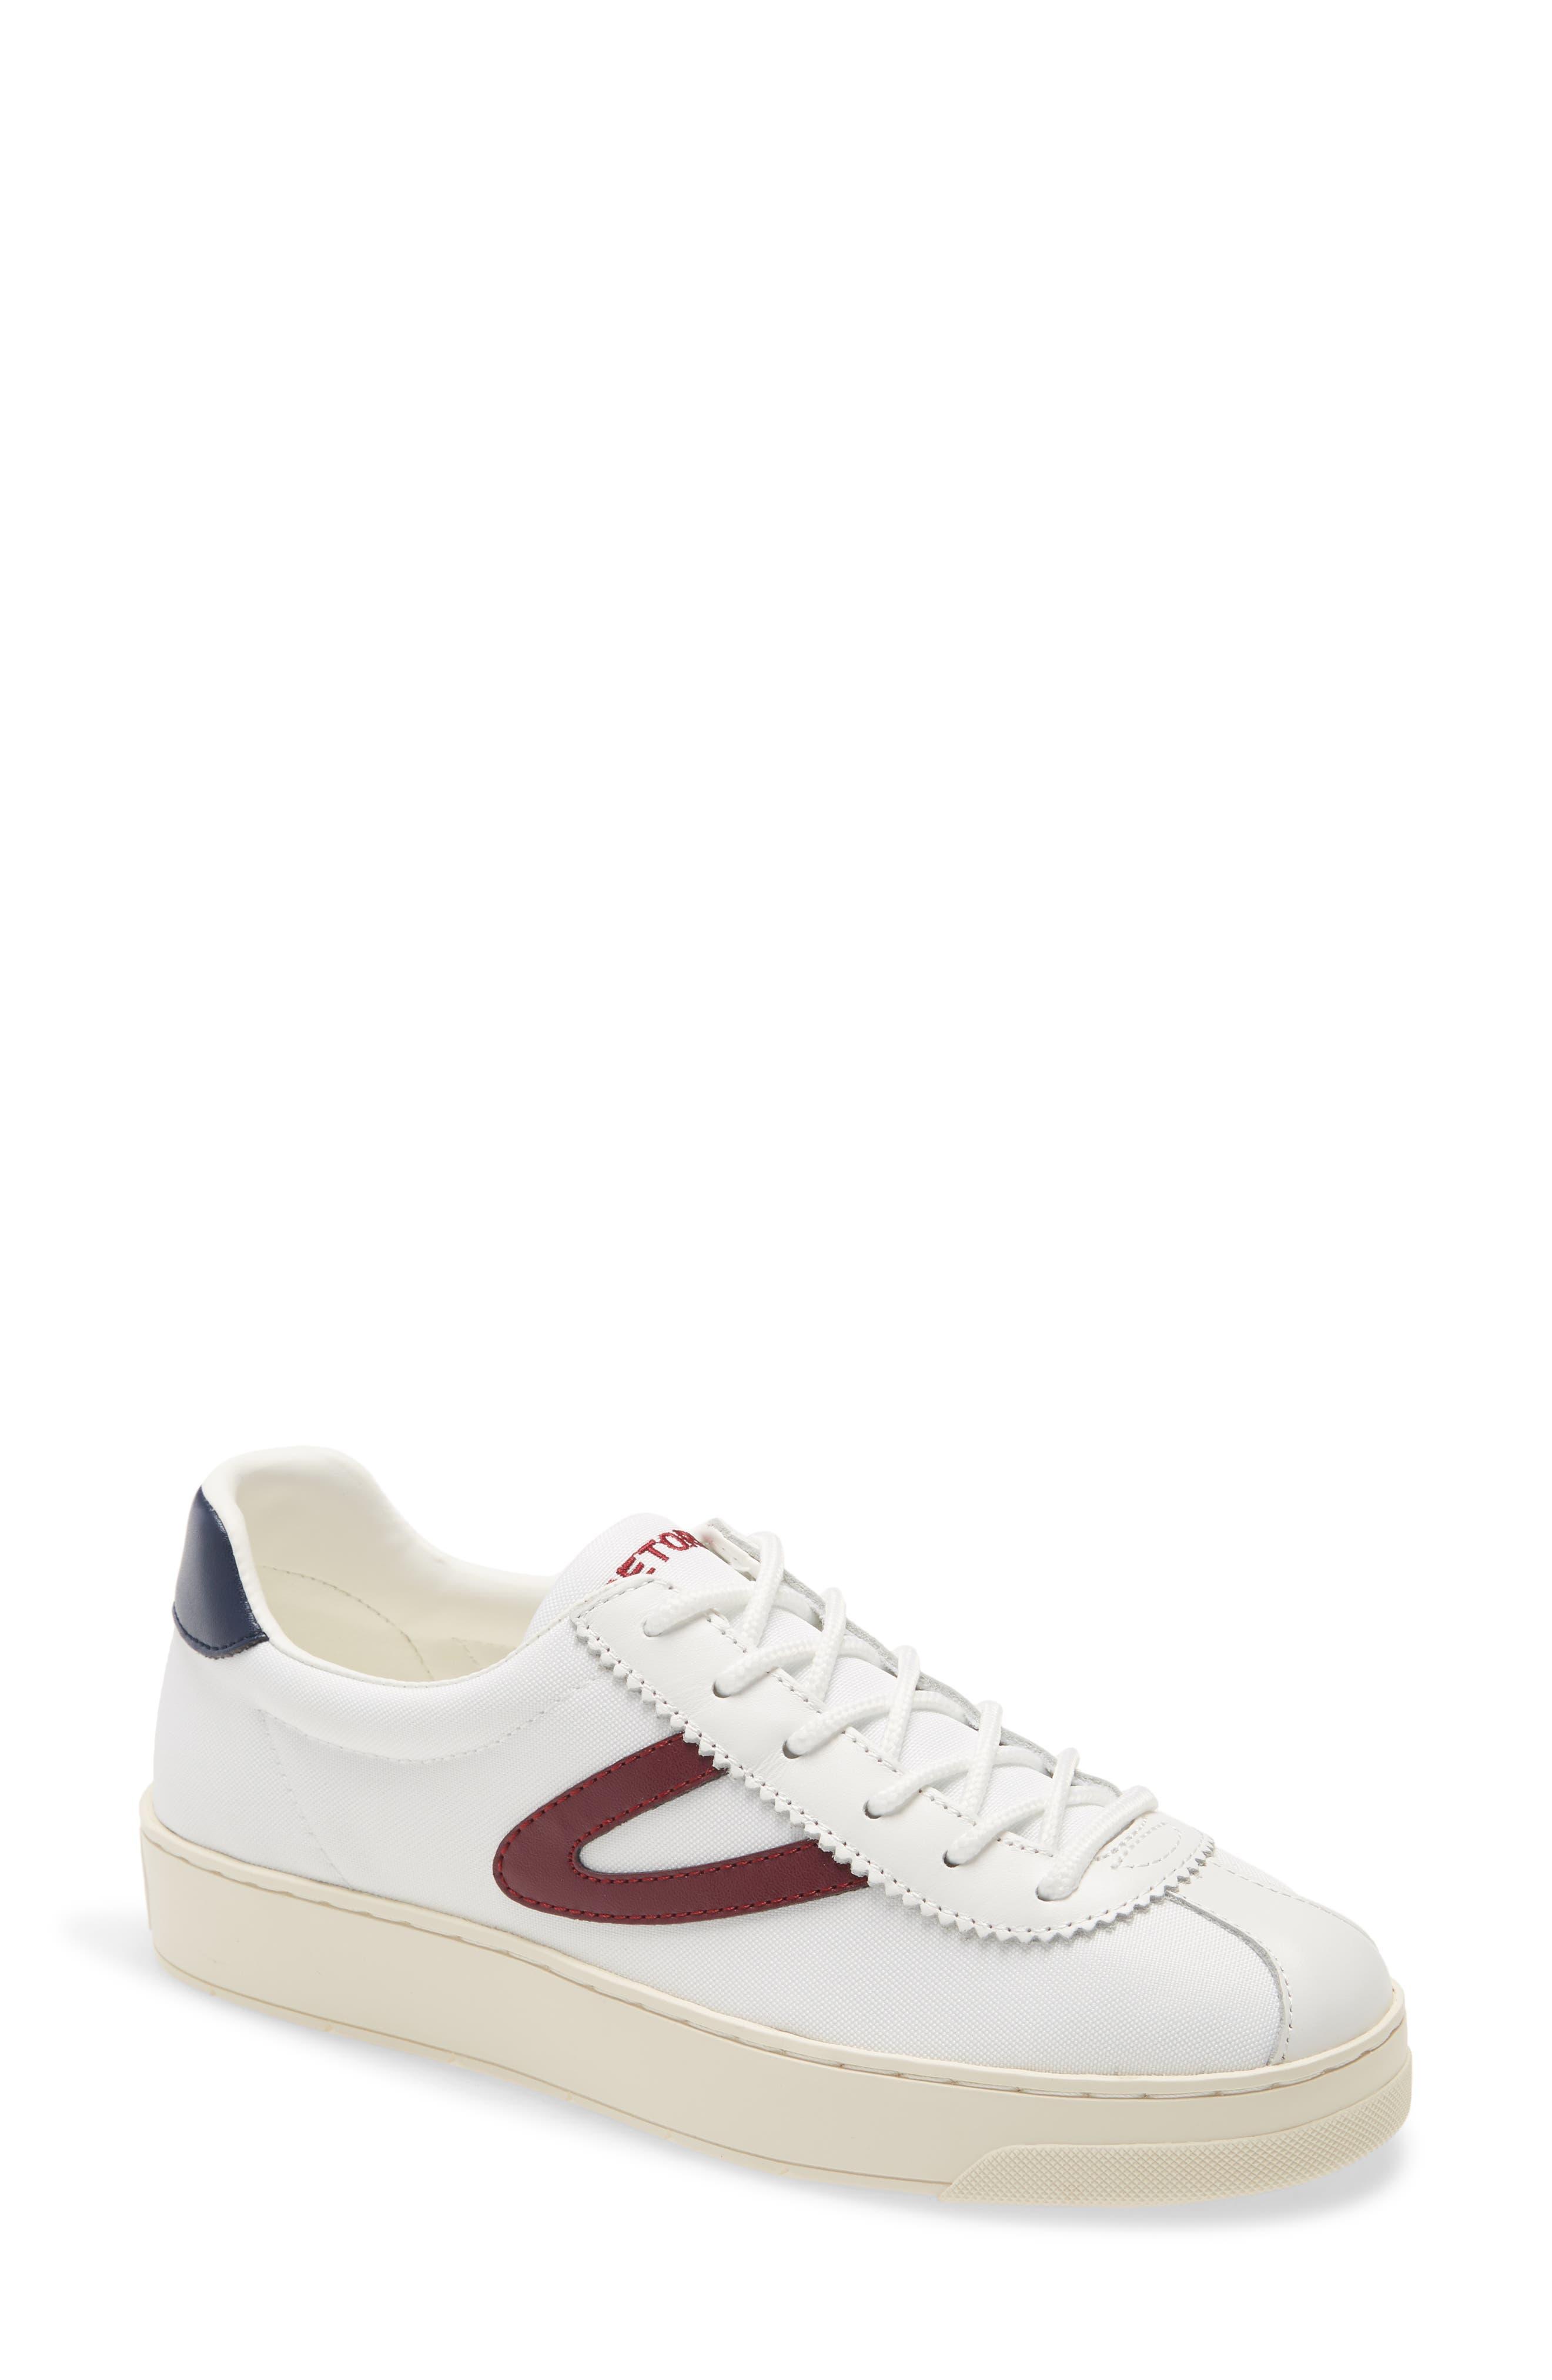 Image of Tretorn Hayden Low Top Sneaker